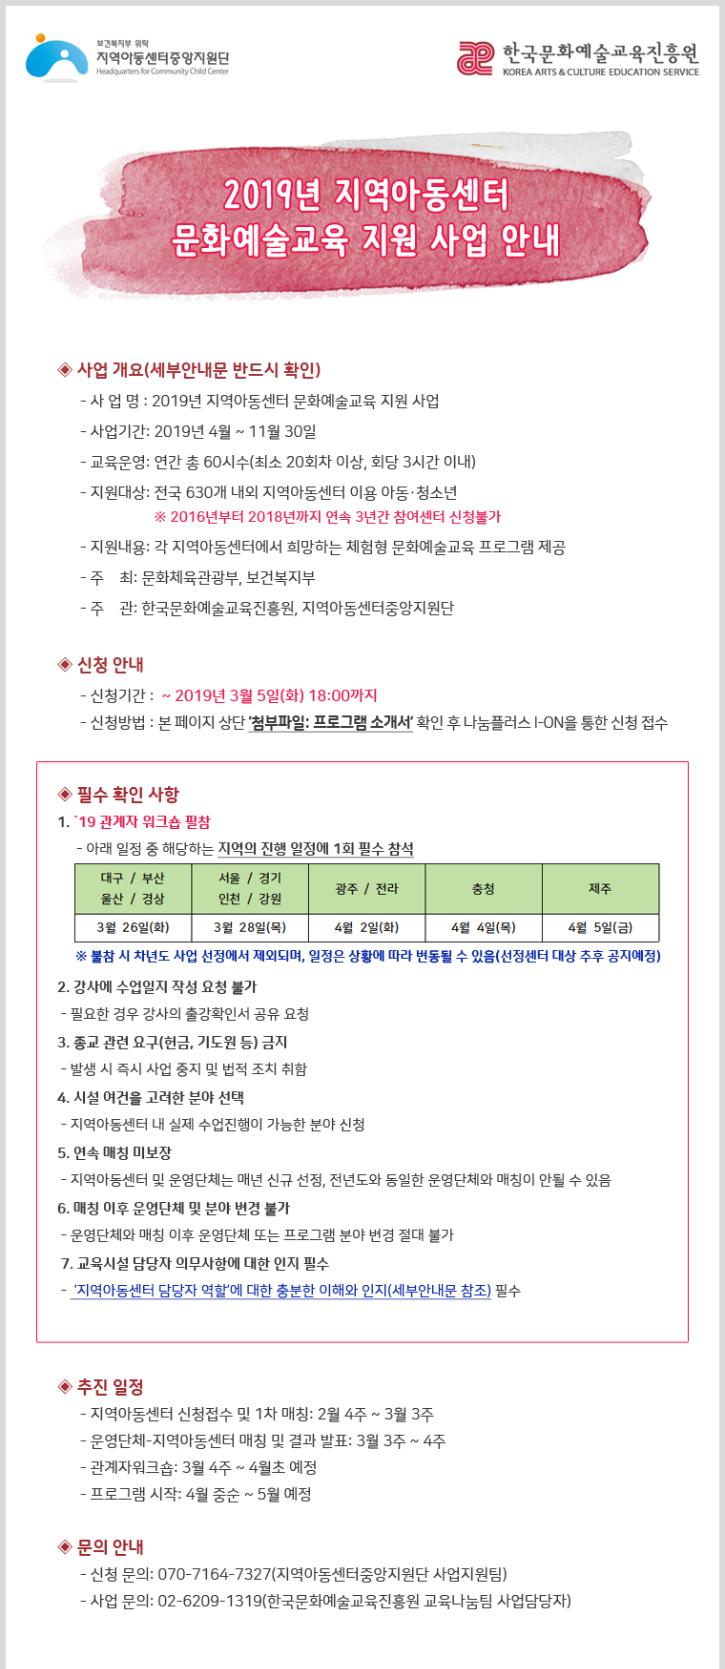 2019 센터공모 홍보이미지.png